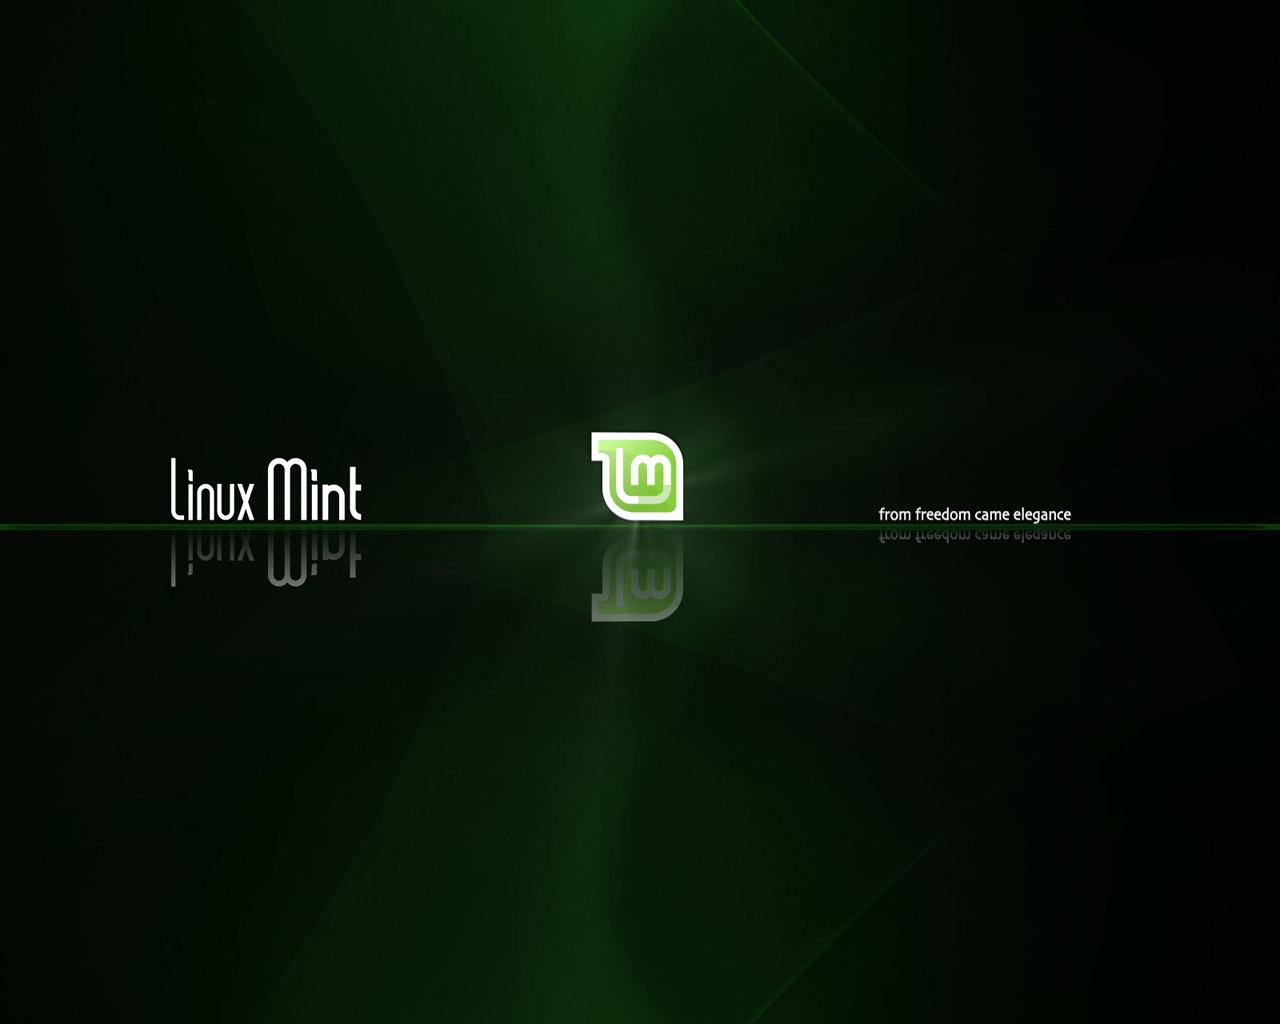 Linux Mint Wallpapers Linux Mint Myspace Backgrounds Linux Mint 1280x1024